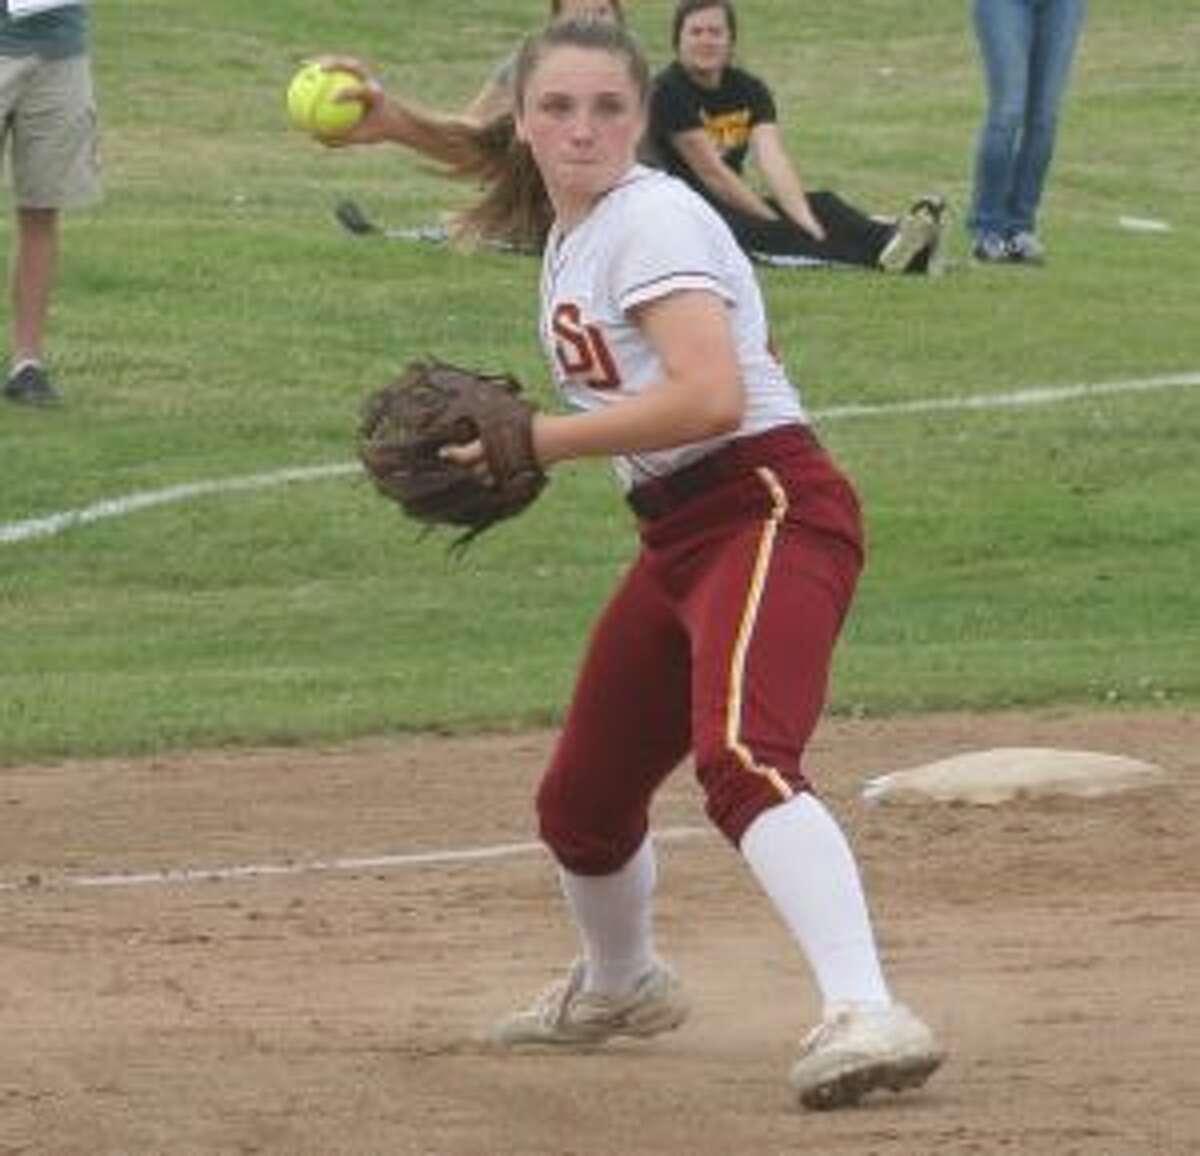 Cami Heintz makes a fine play on a chopper to third base.